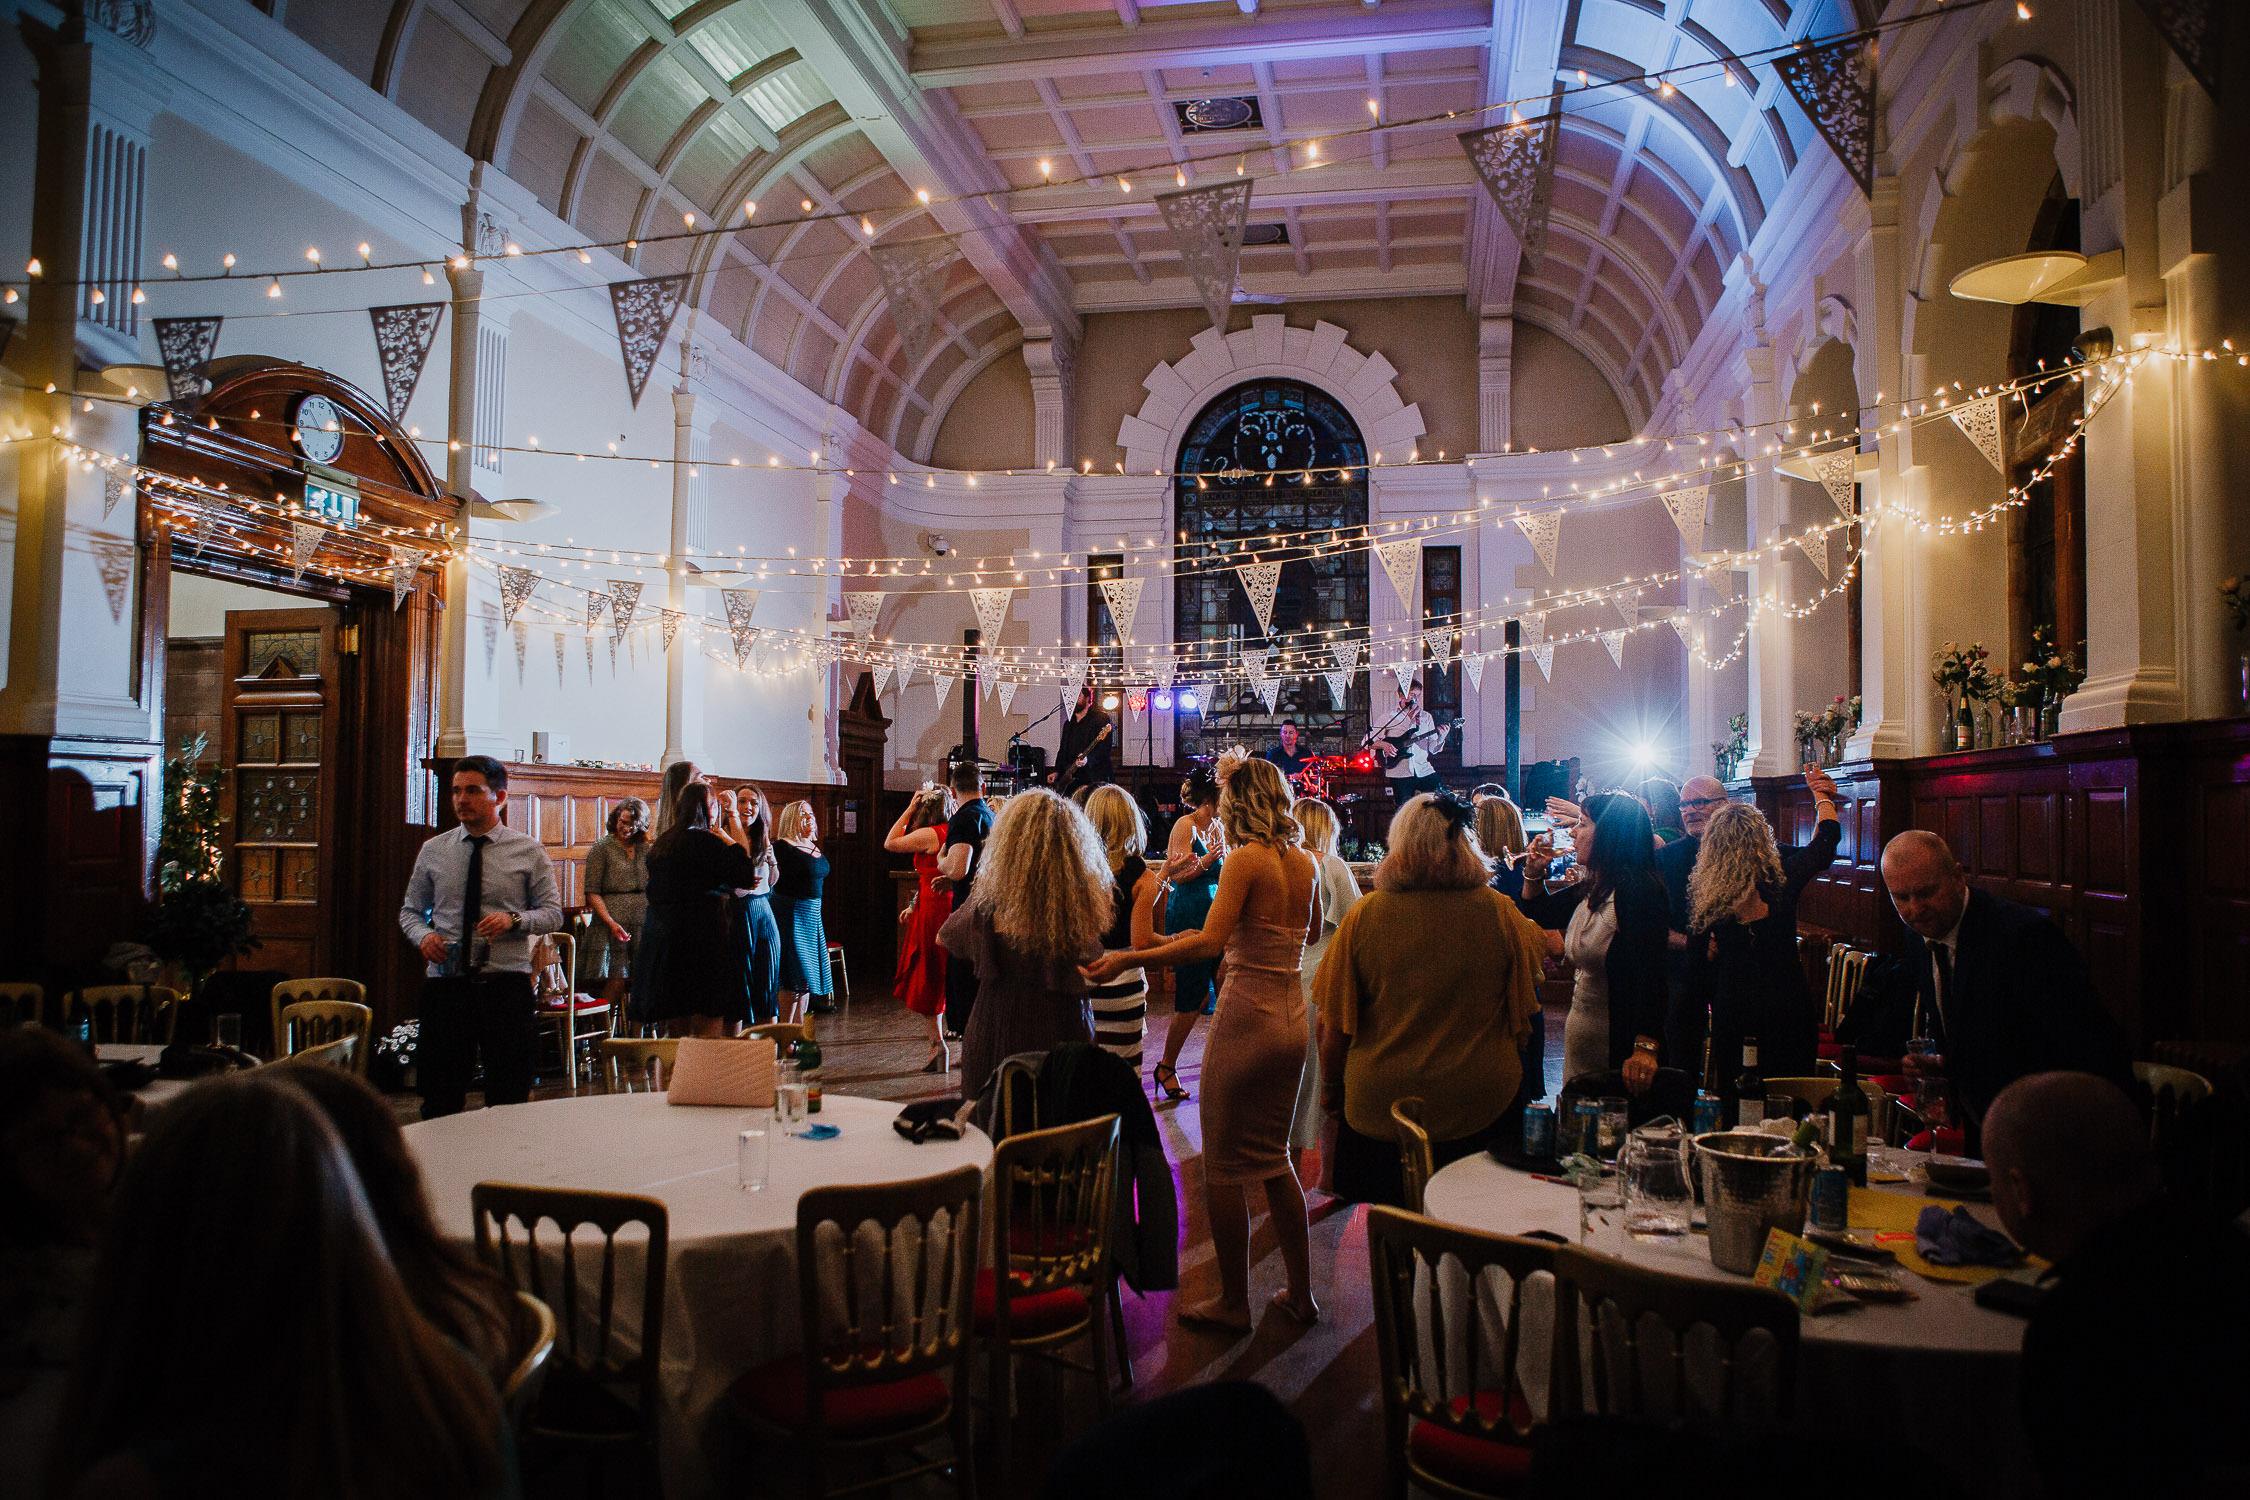 Wedding celebration in Glasgow